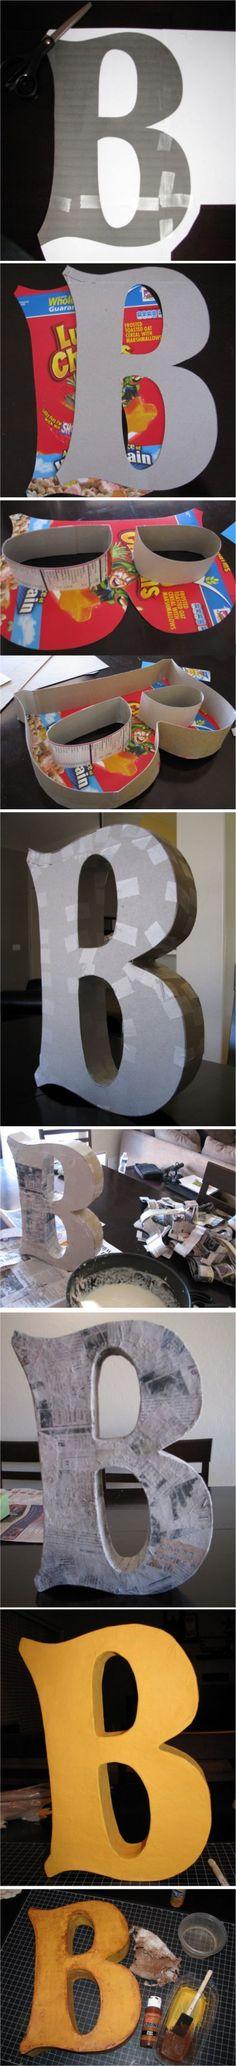 Lettere in cartone fai da te per decorare casa! 15 idee da cui trarre ispirazione…